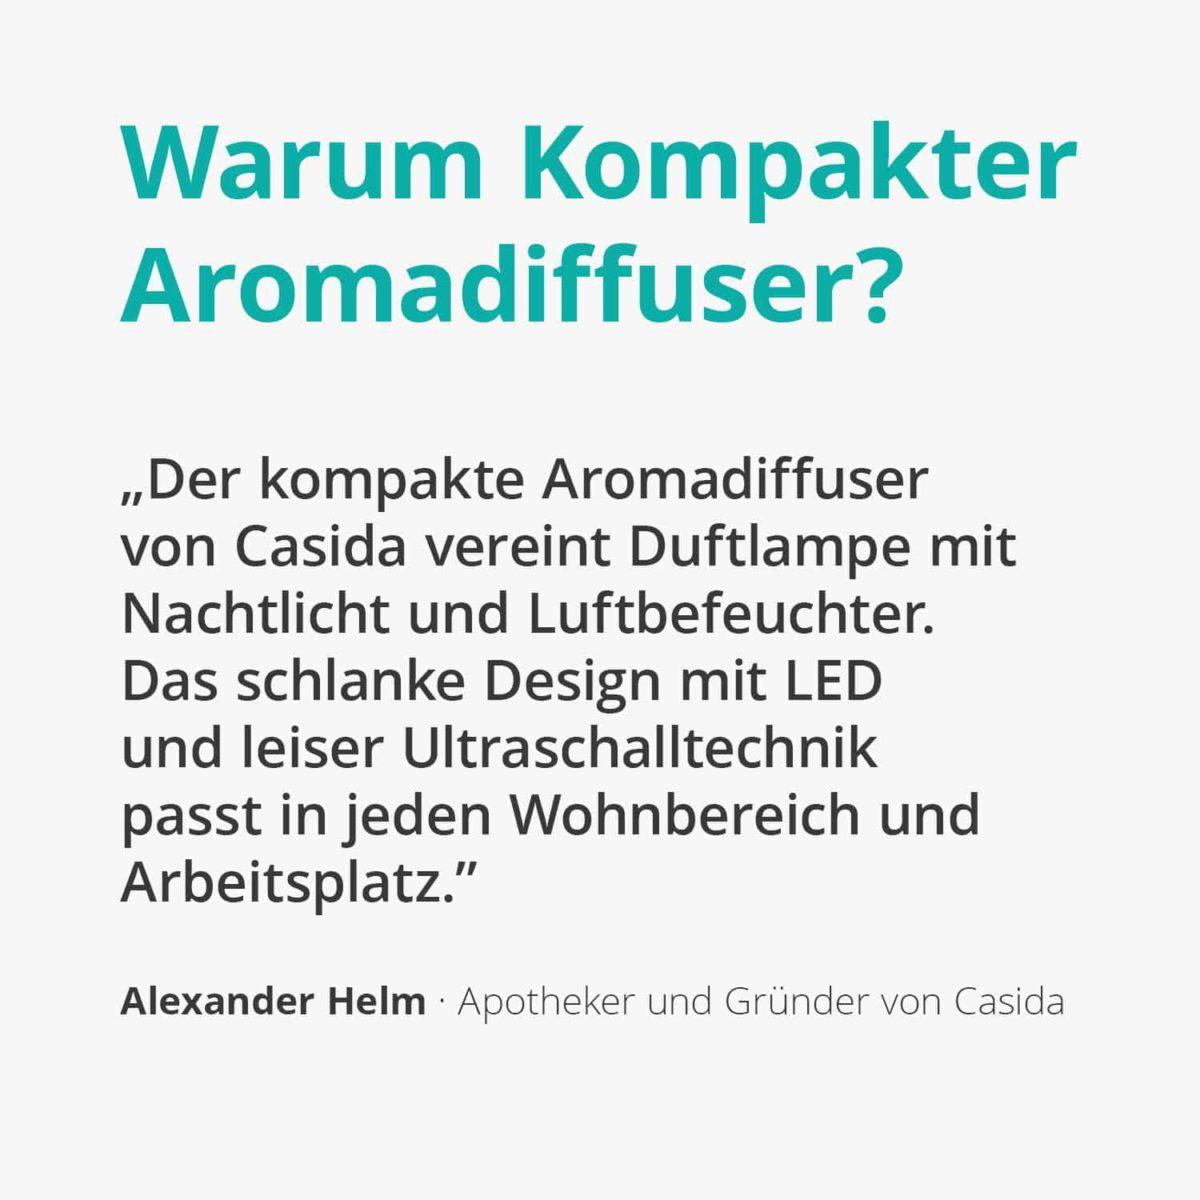 Casida Aroma Diffuser kompakt weiß Apotheke PZN 16351150 Aromatherapie Ätherische Öle vernebeln Lufterfrischer mobil2